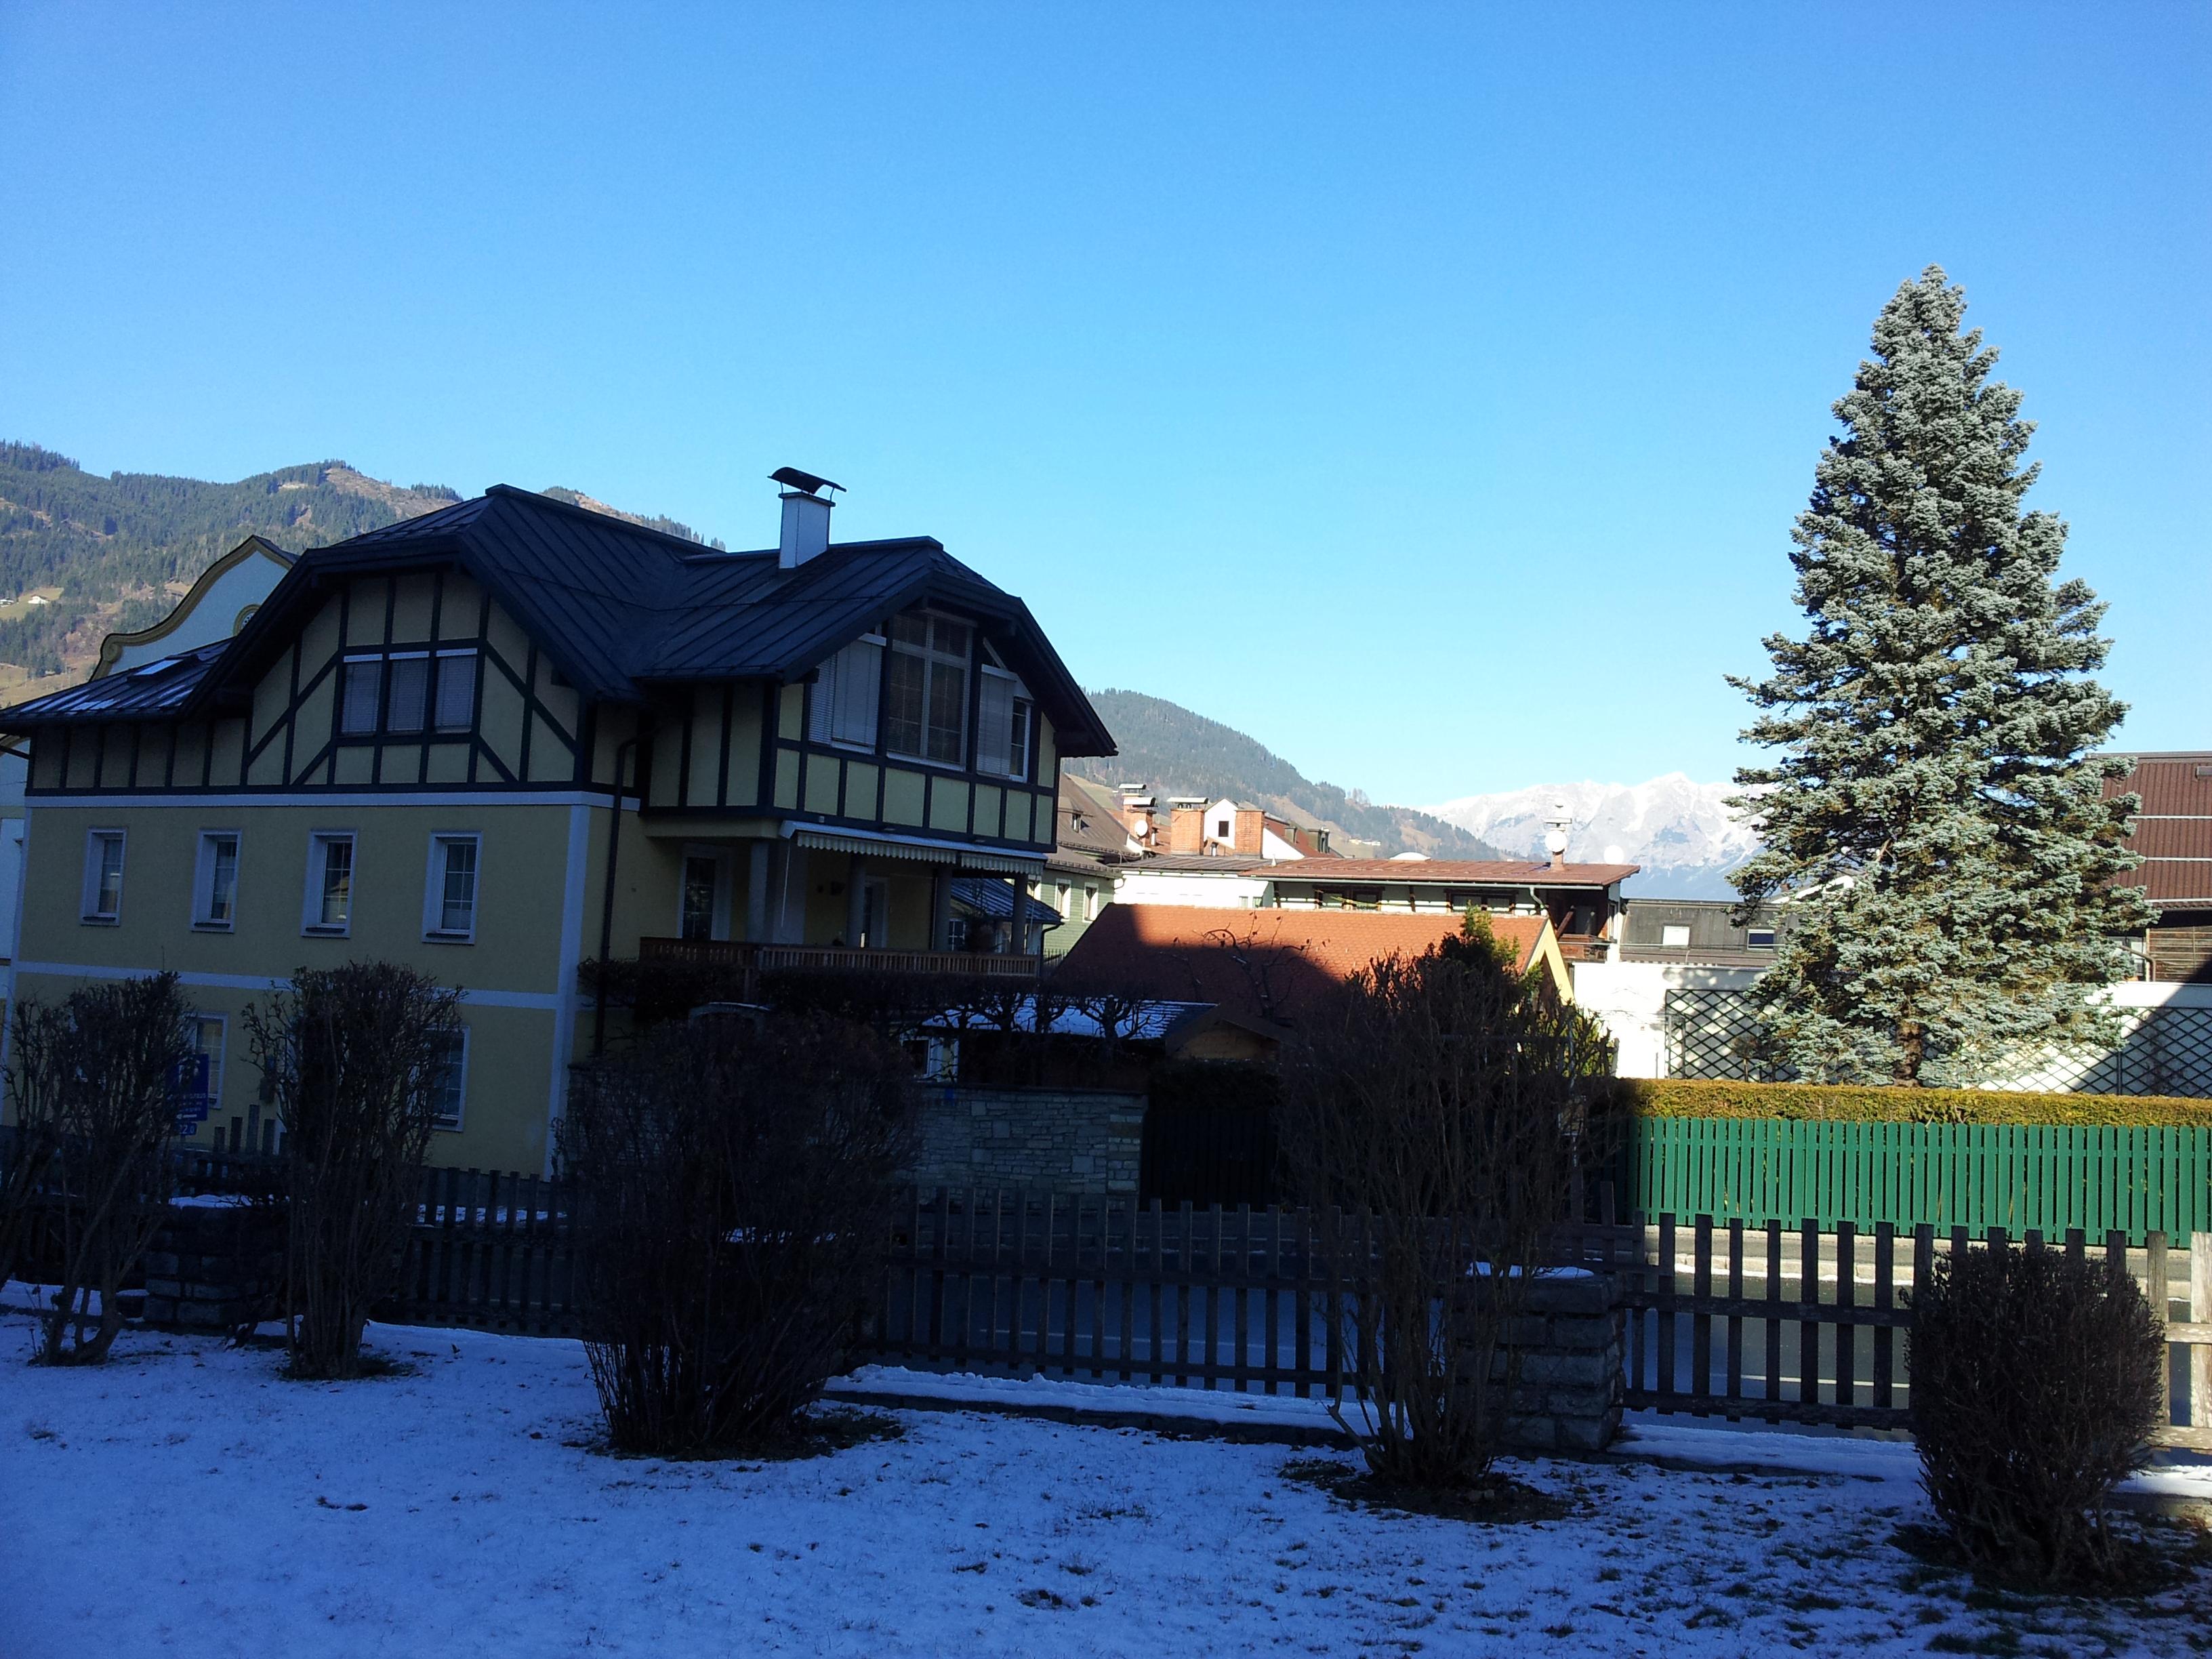 Gemeinde Berchtesgaden clipart #1, Download drawings